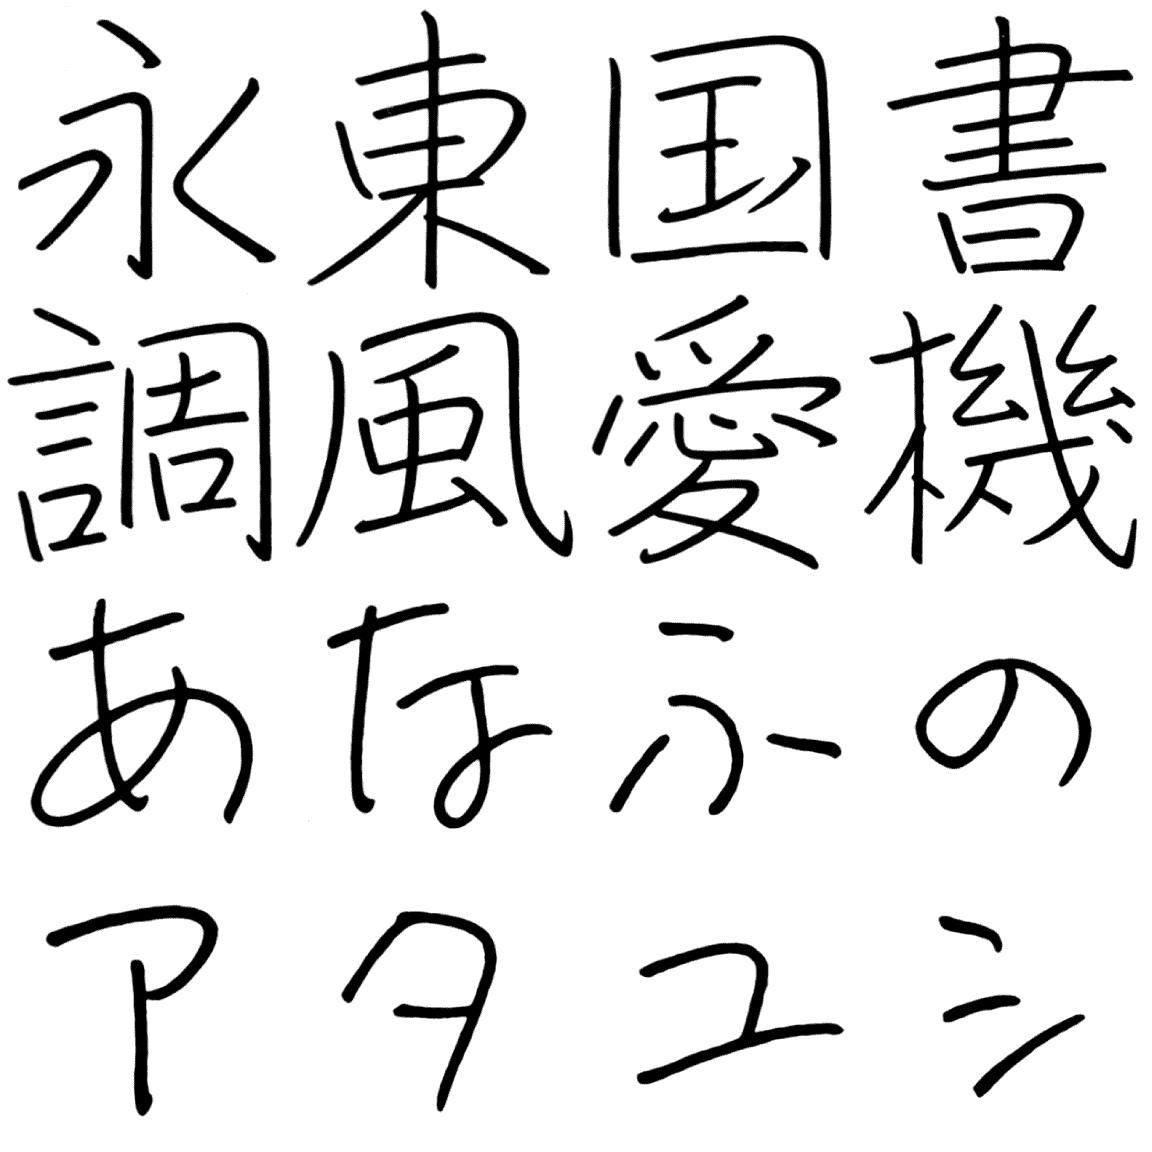 ルリール L LRUR 字形見本